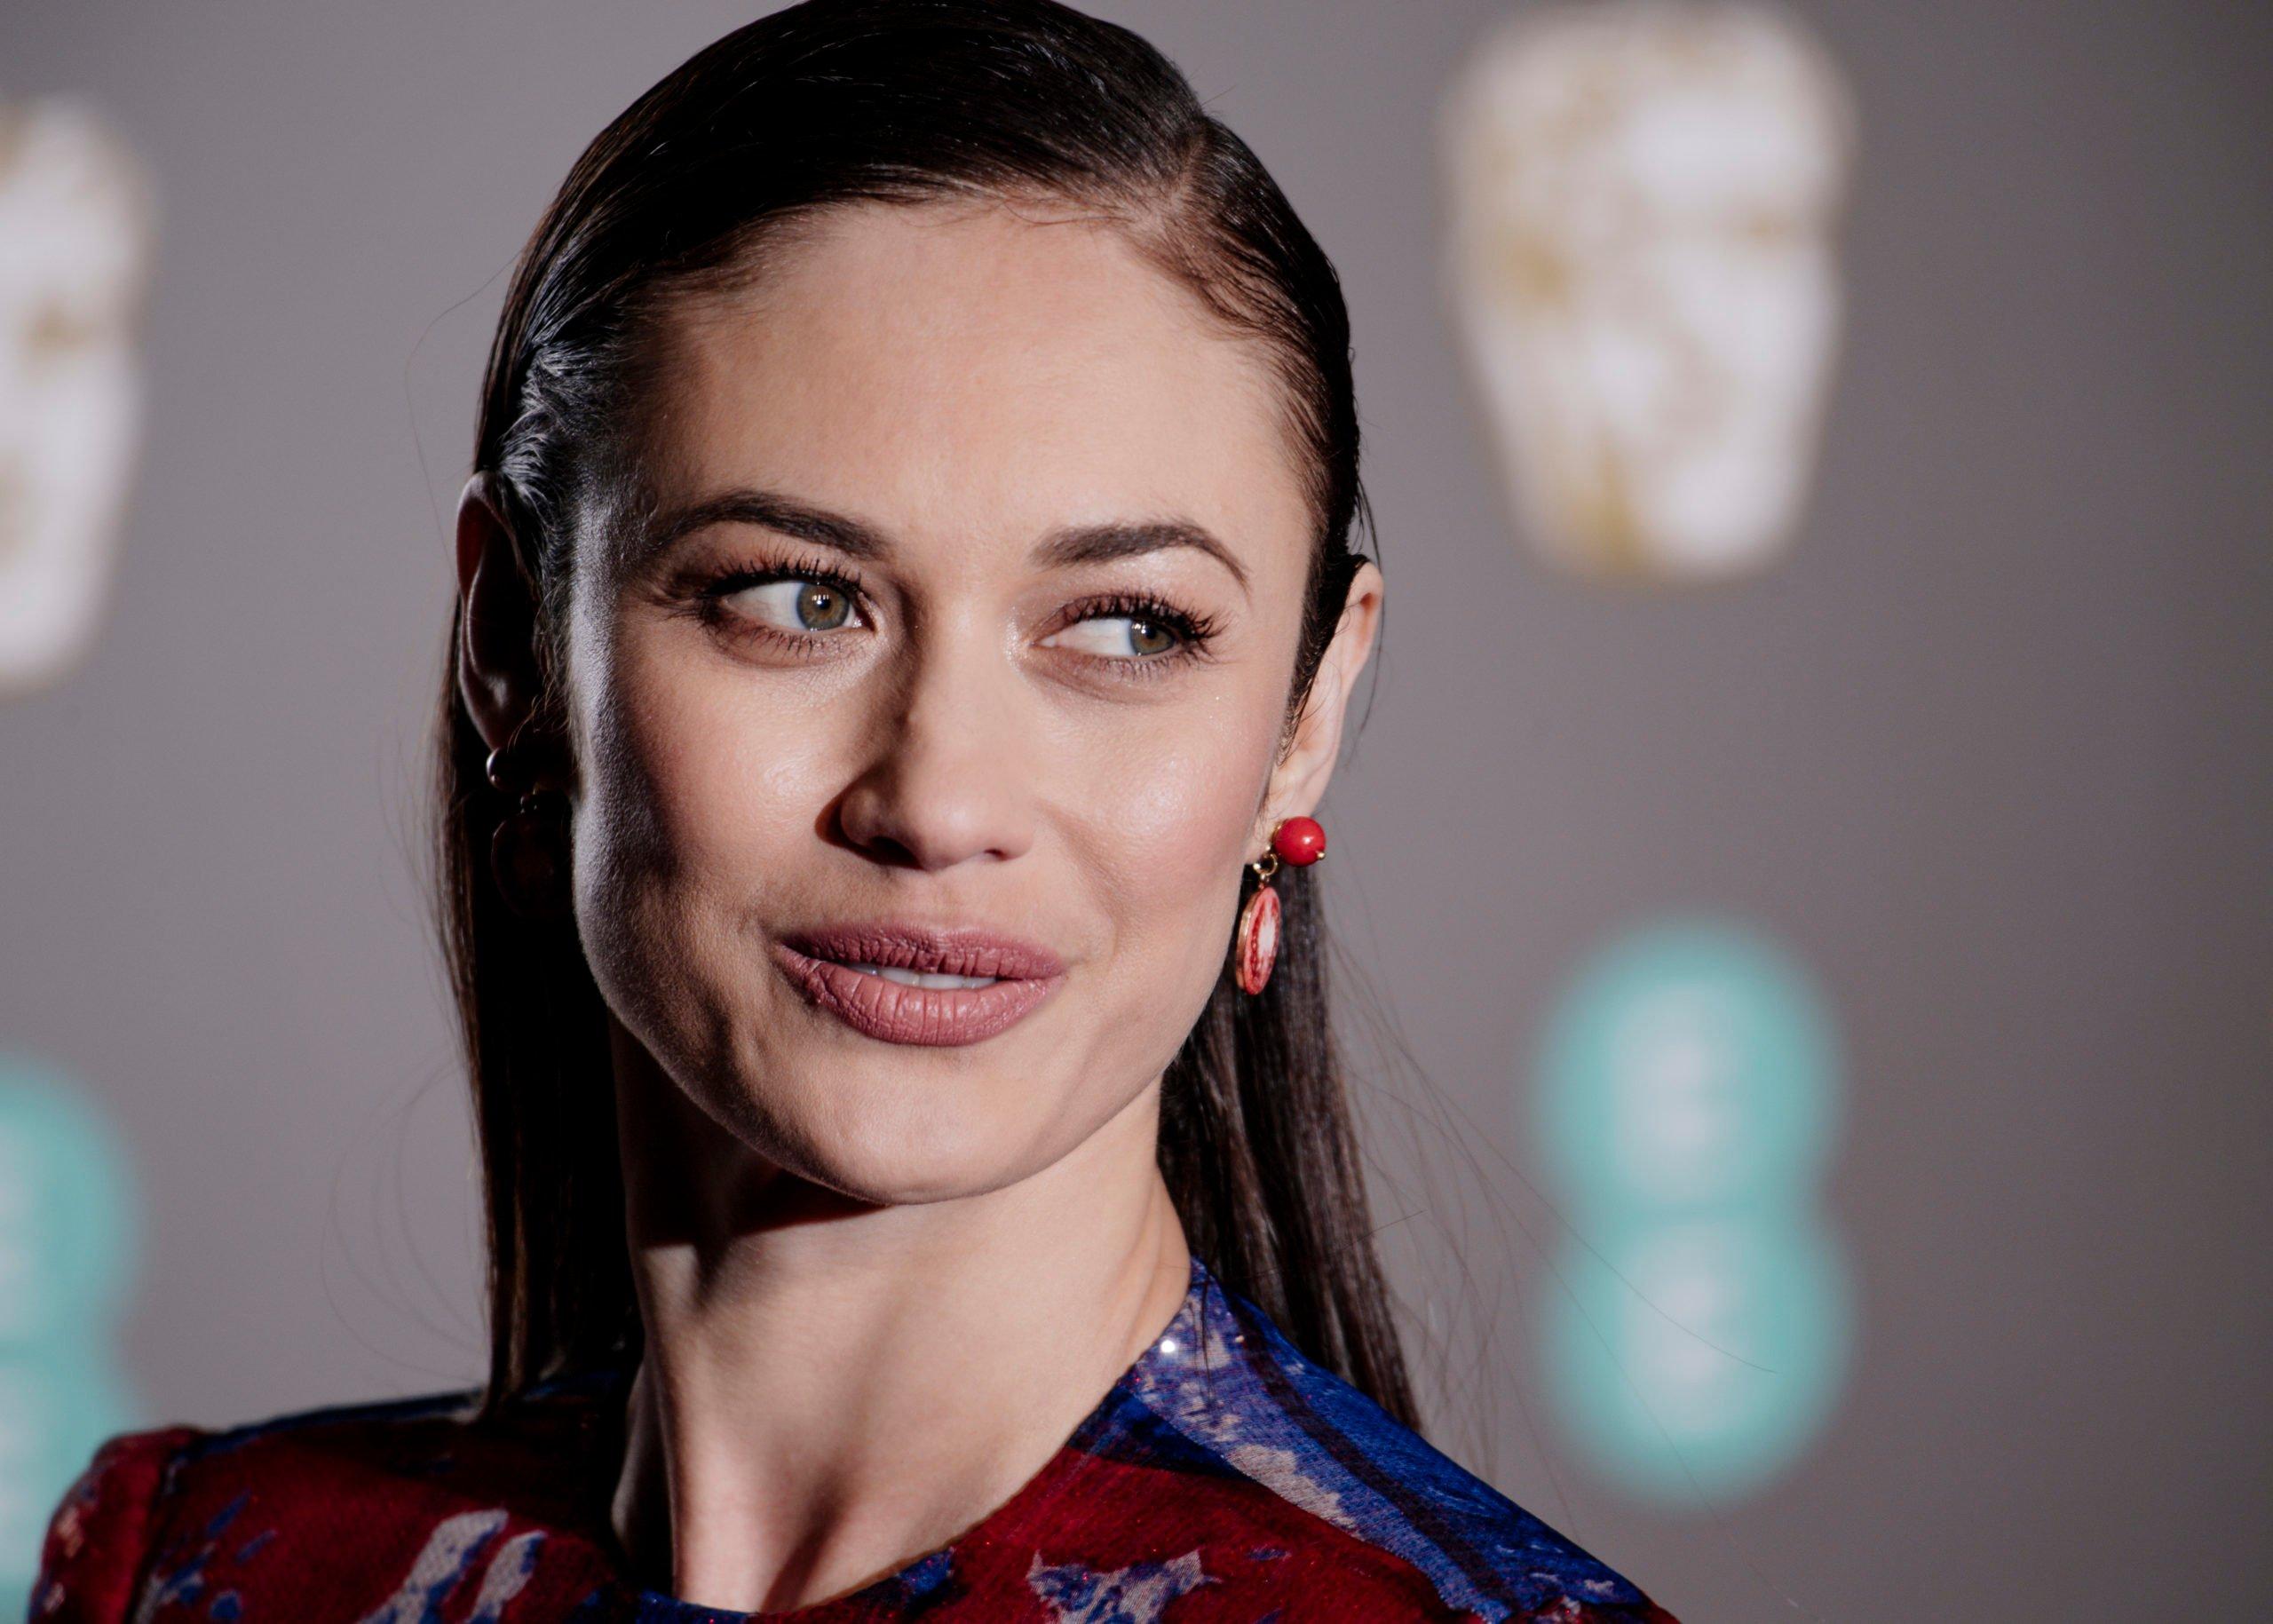 Наши в Голливуде: Ольга Куриленко снимается в «Чёрной вдове» со Скарлетт Йоханссон